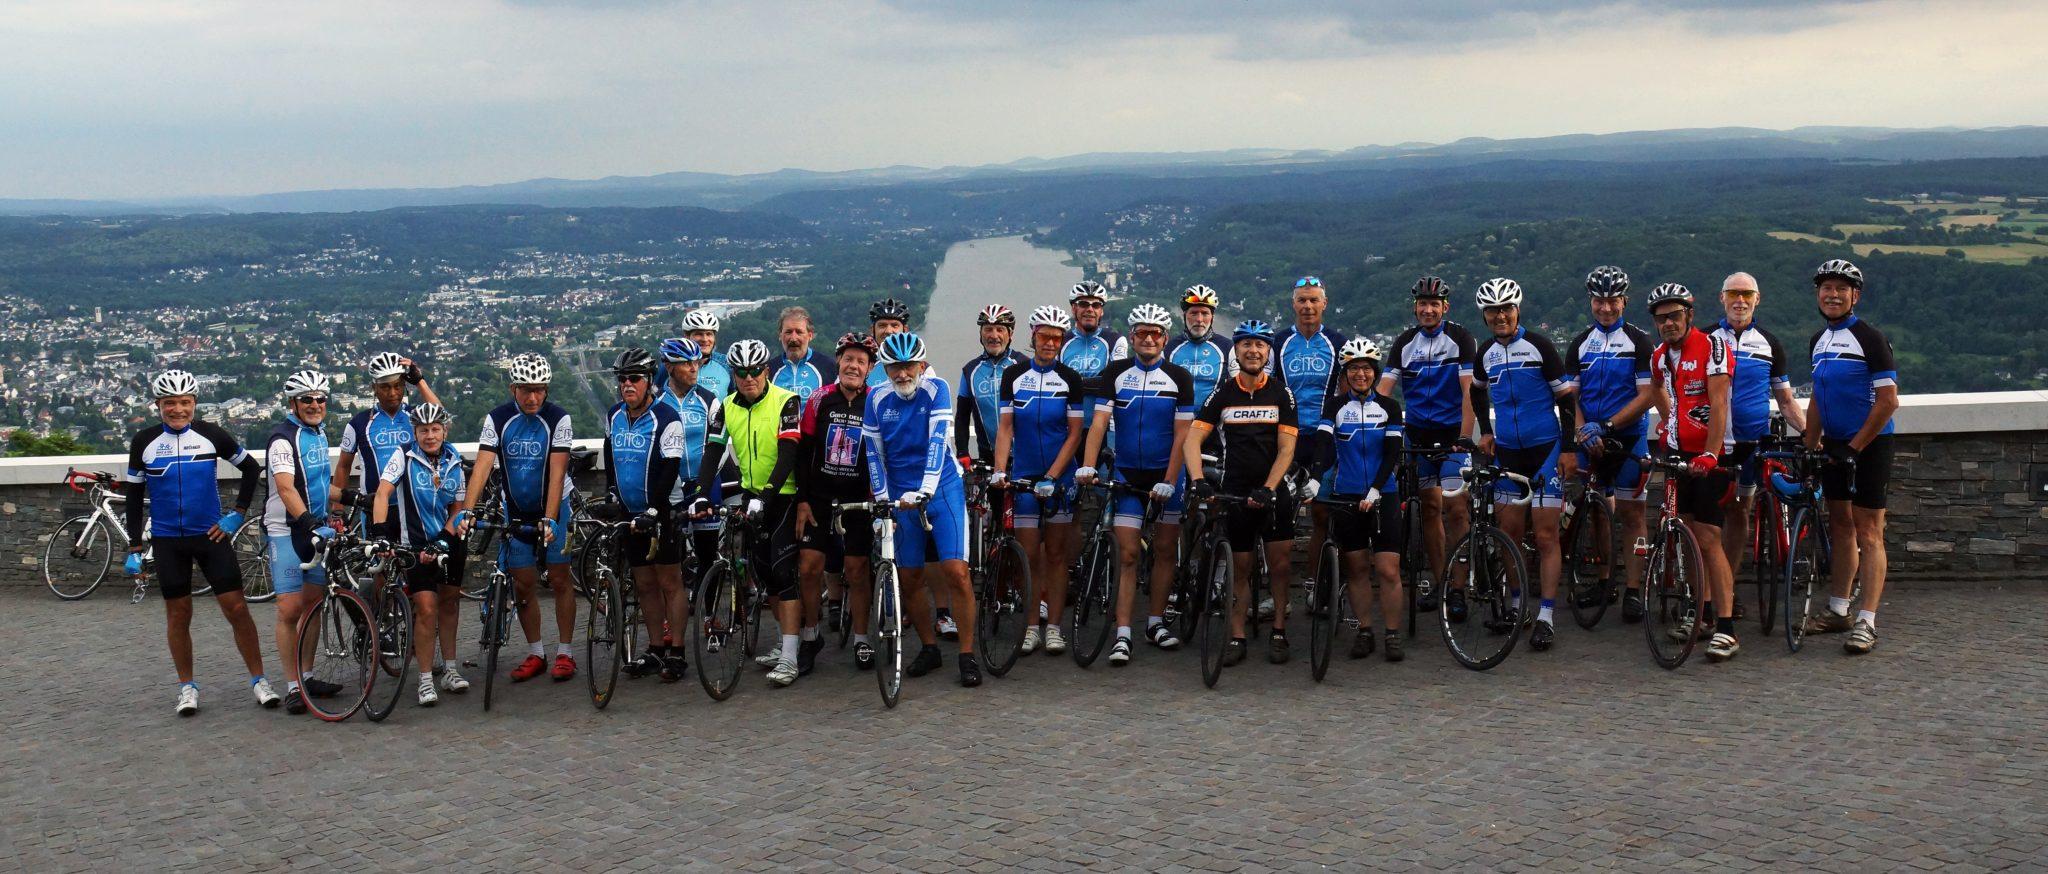 Radfahrer beider Vereine am Drachenfels mit Blick auf den Rhein